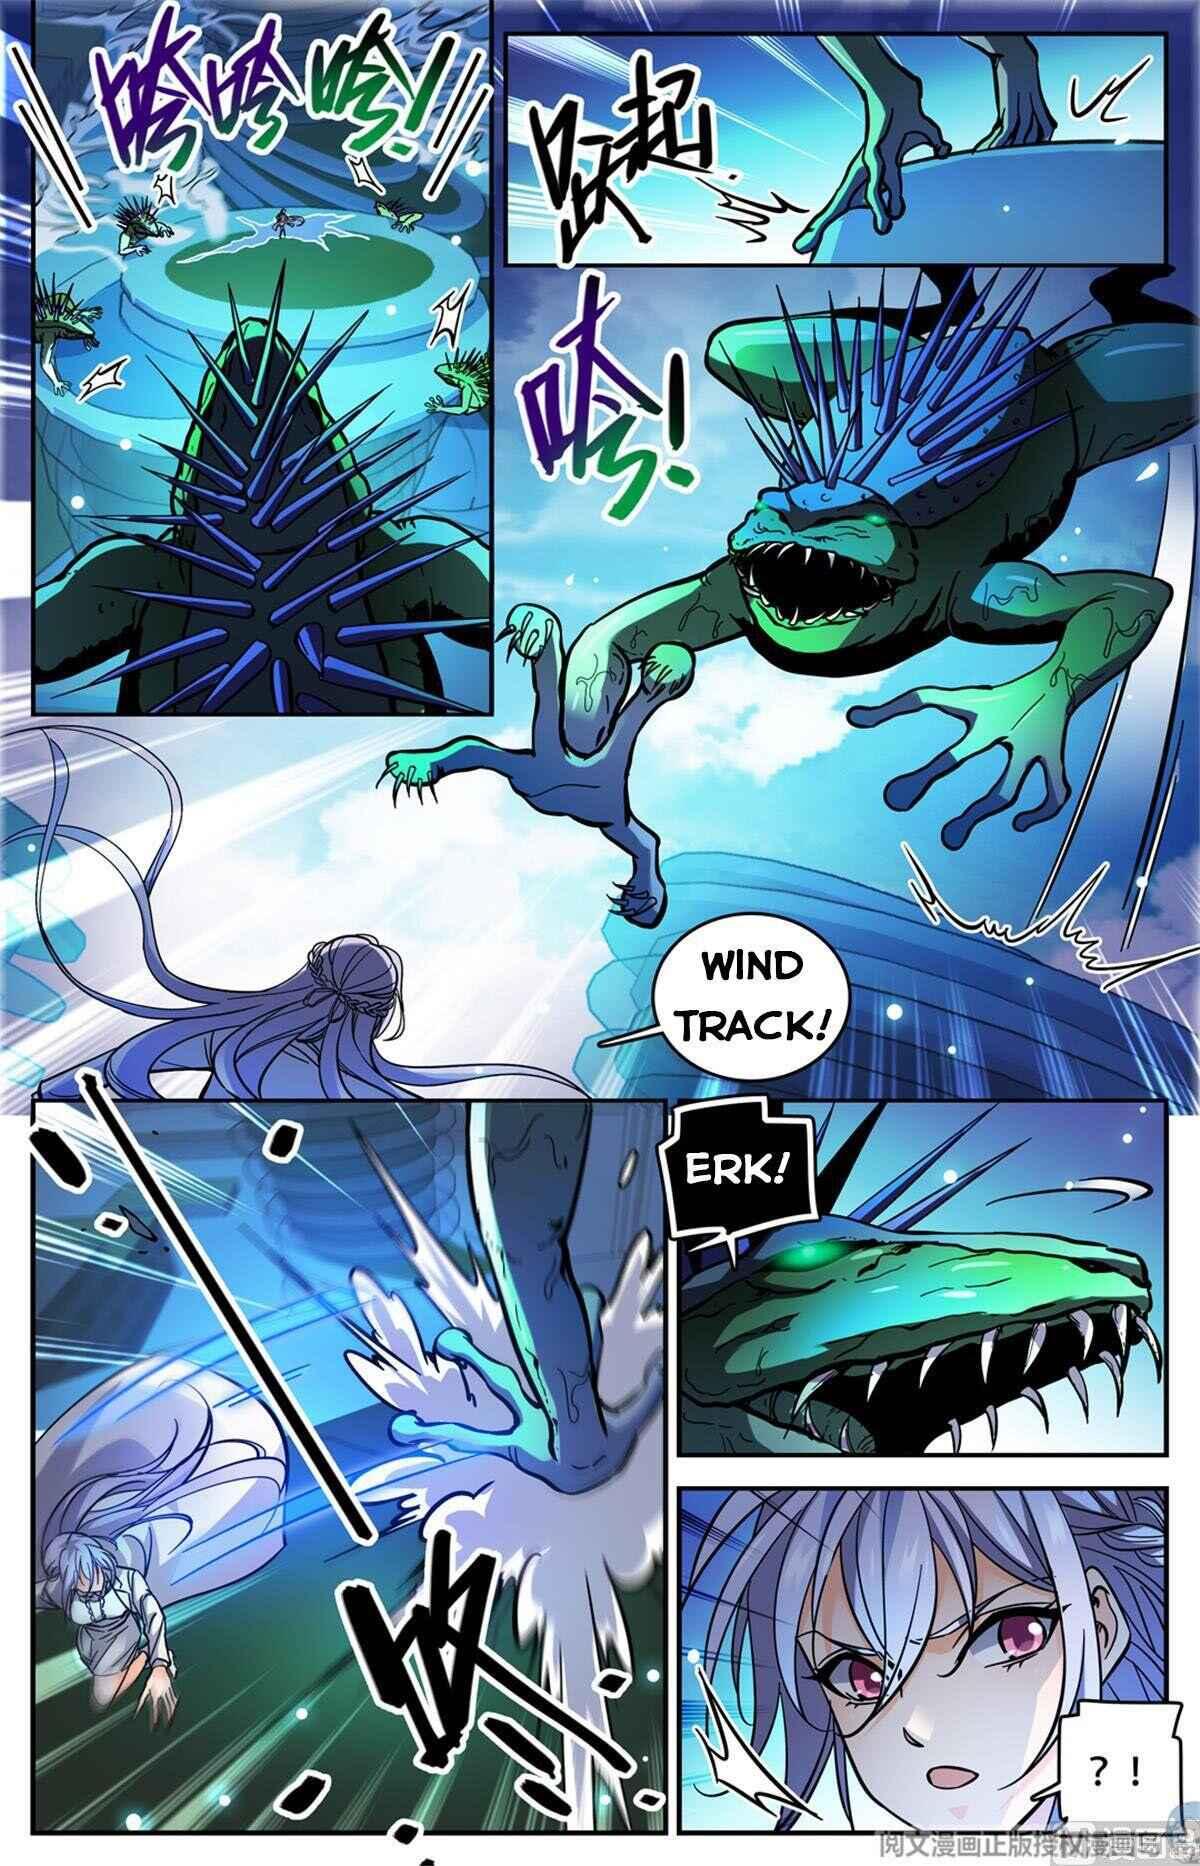 Versatile Mage - chapter 518-eng-li